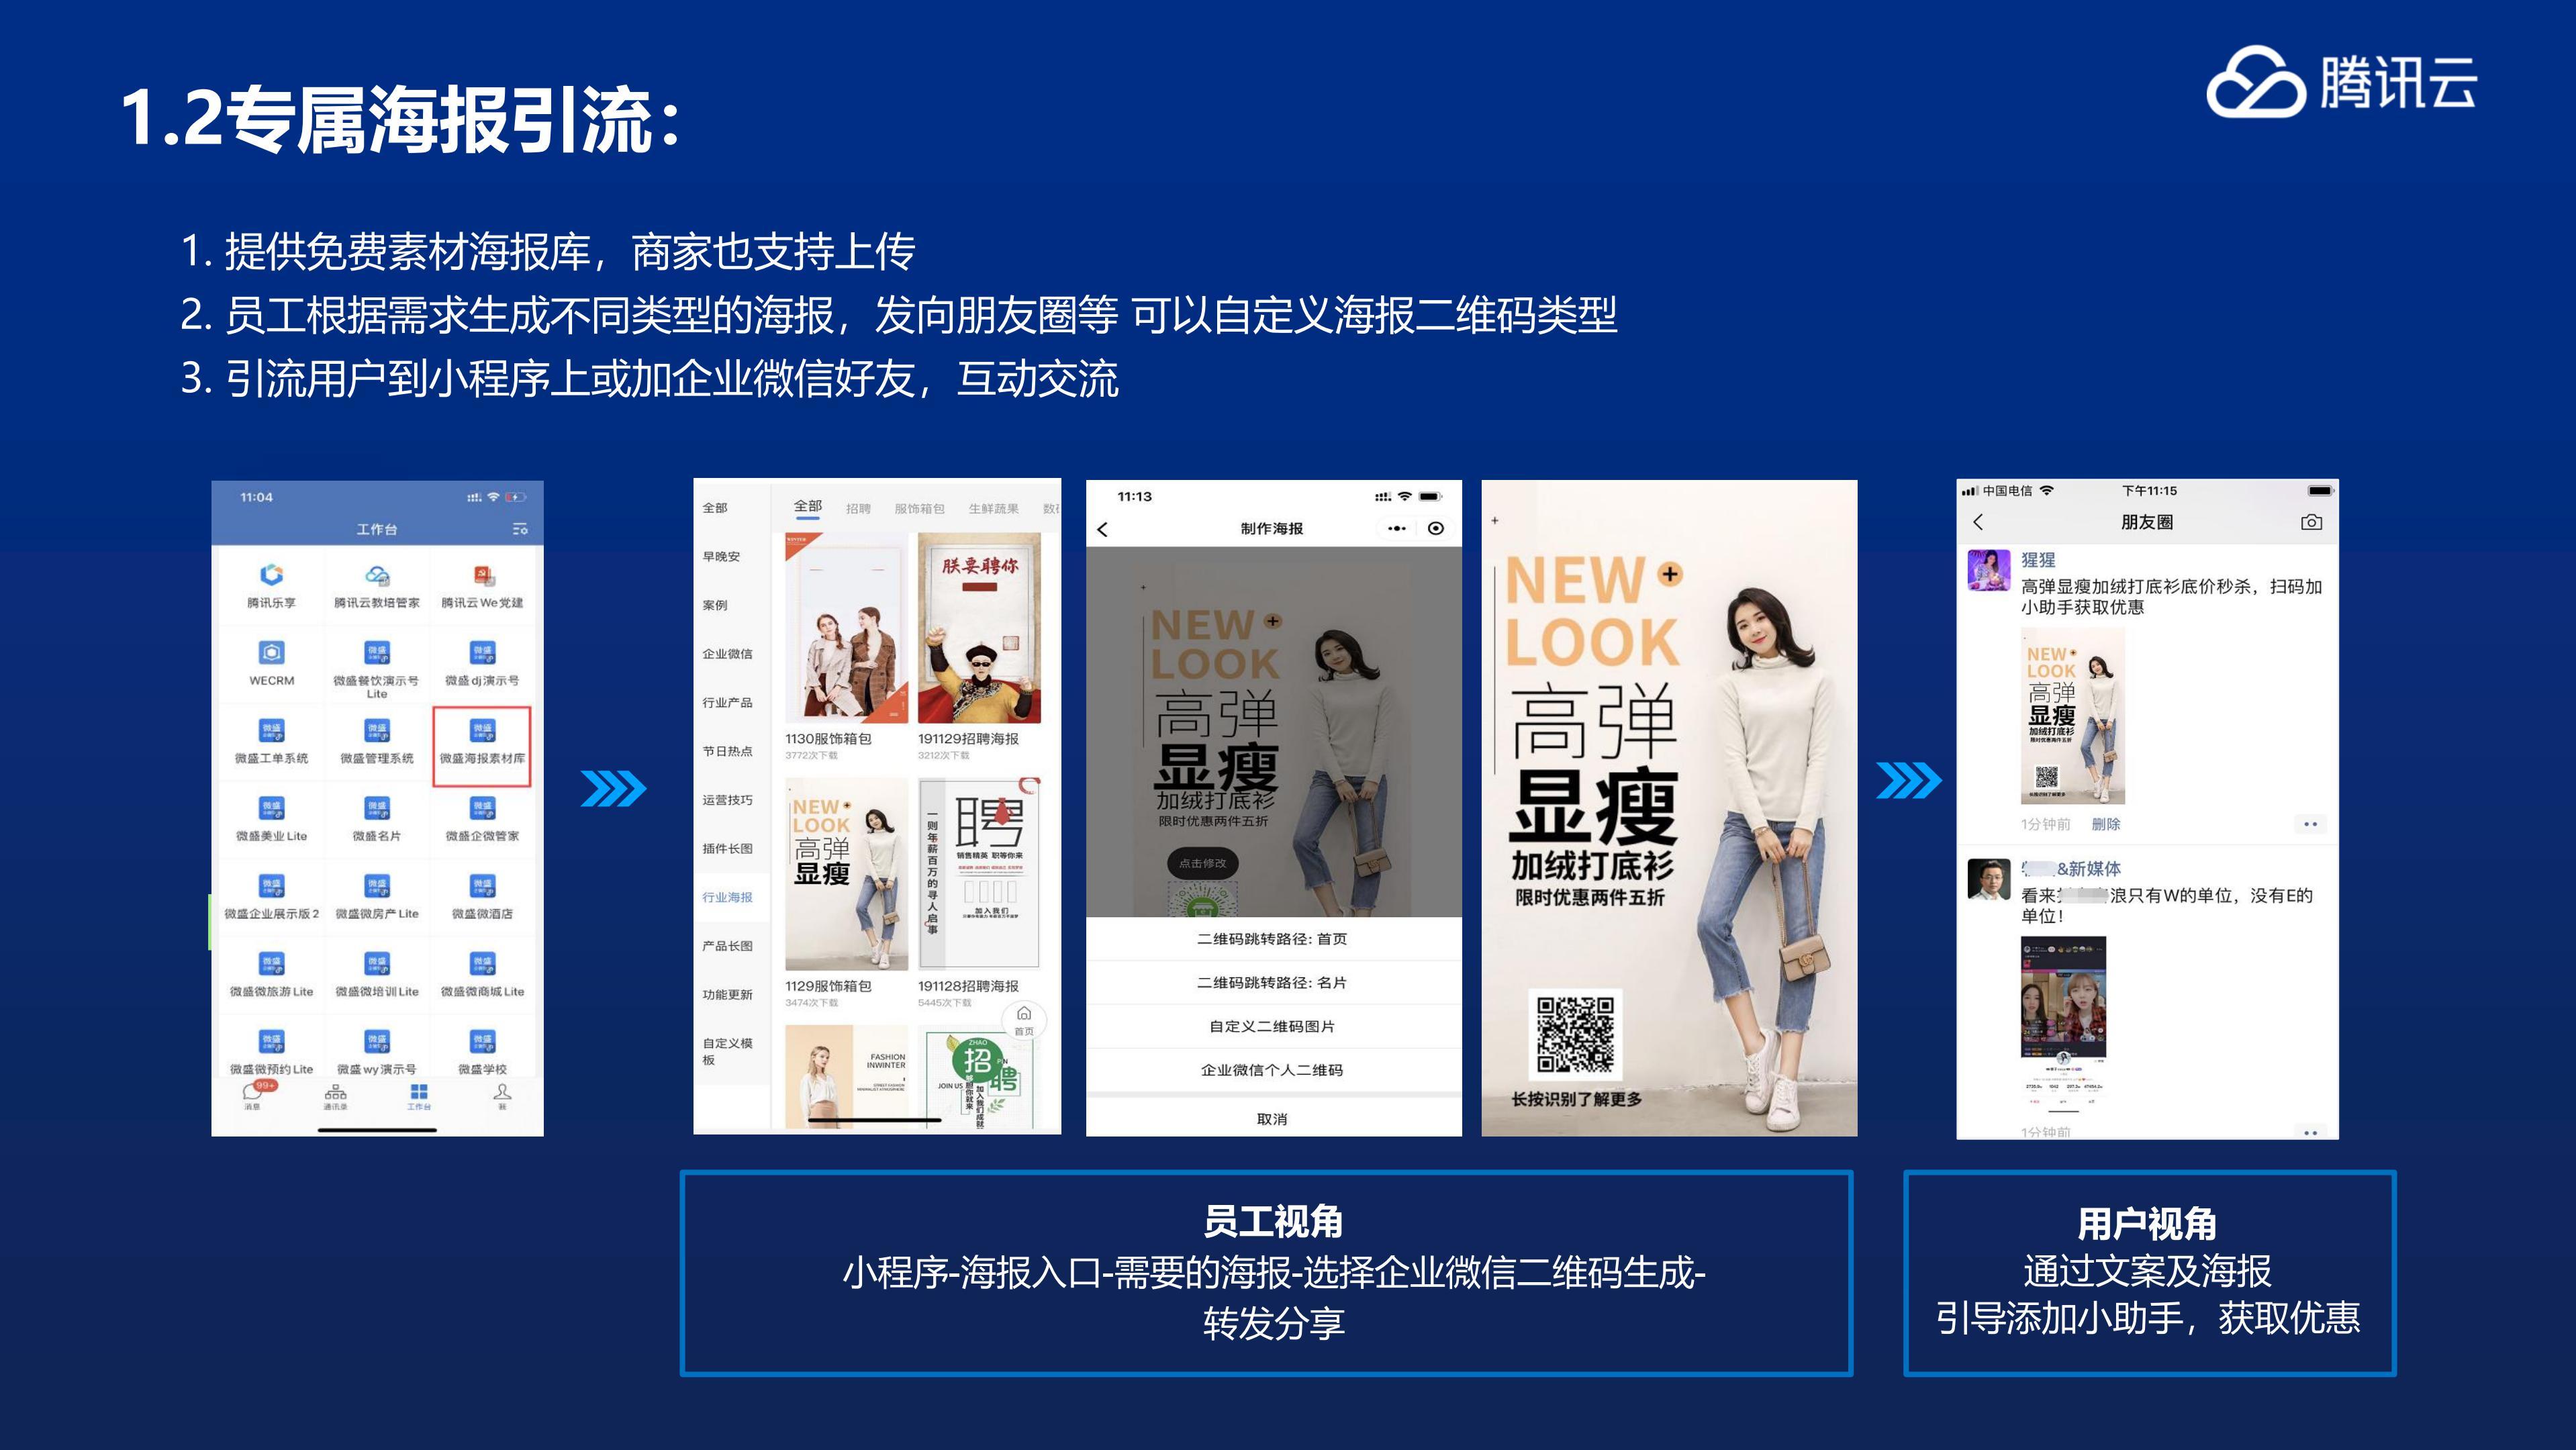 腾讯云企微管家产品介绍_09.jpg